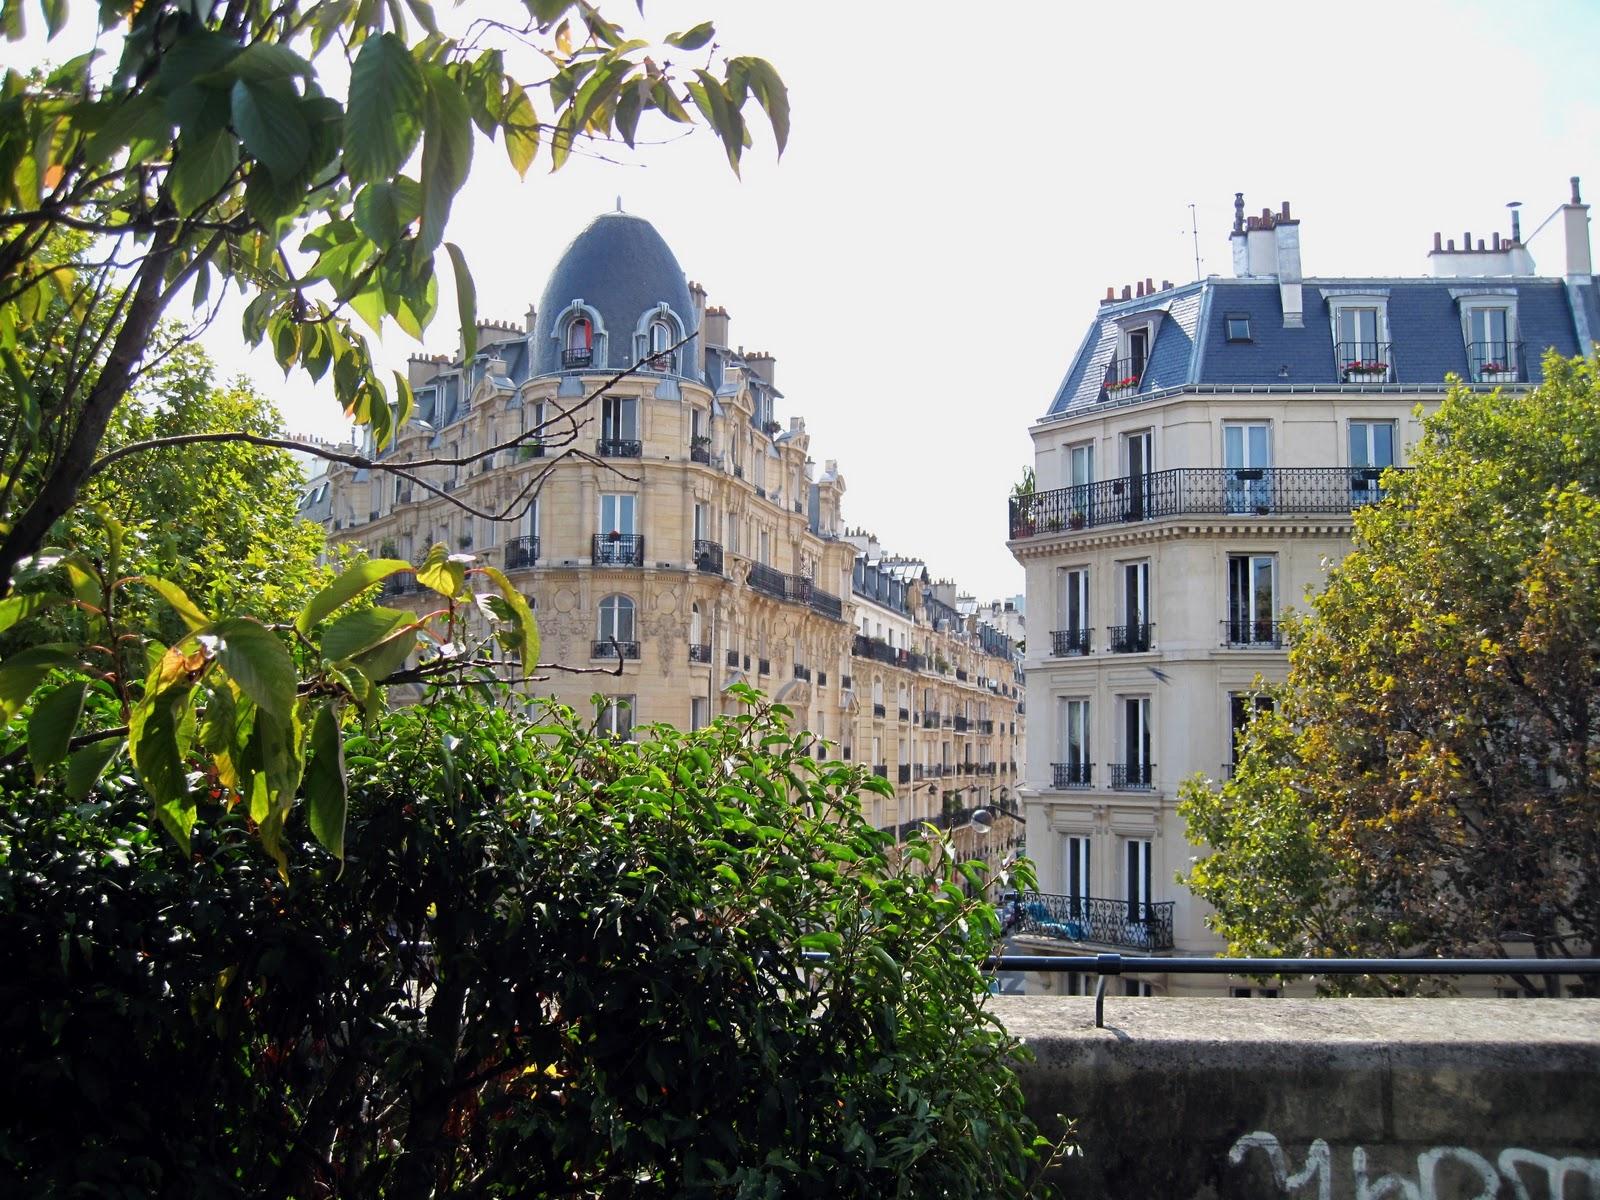 Parisencore place de la bastille port de l 39 arsenal - Port de l arsenal bastille ...